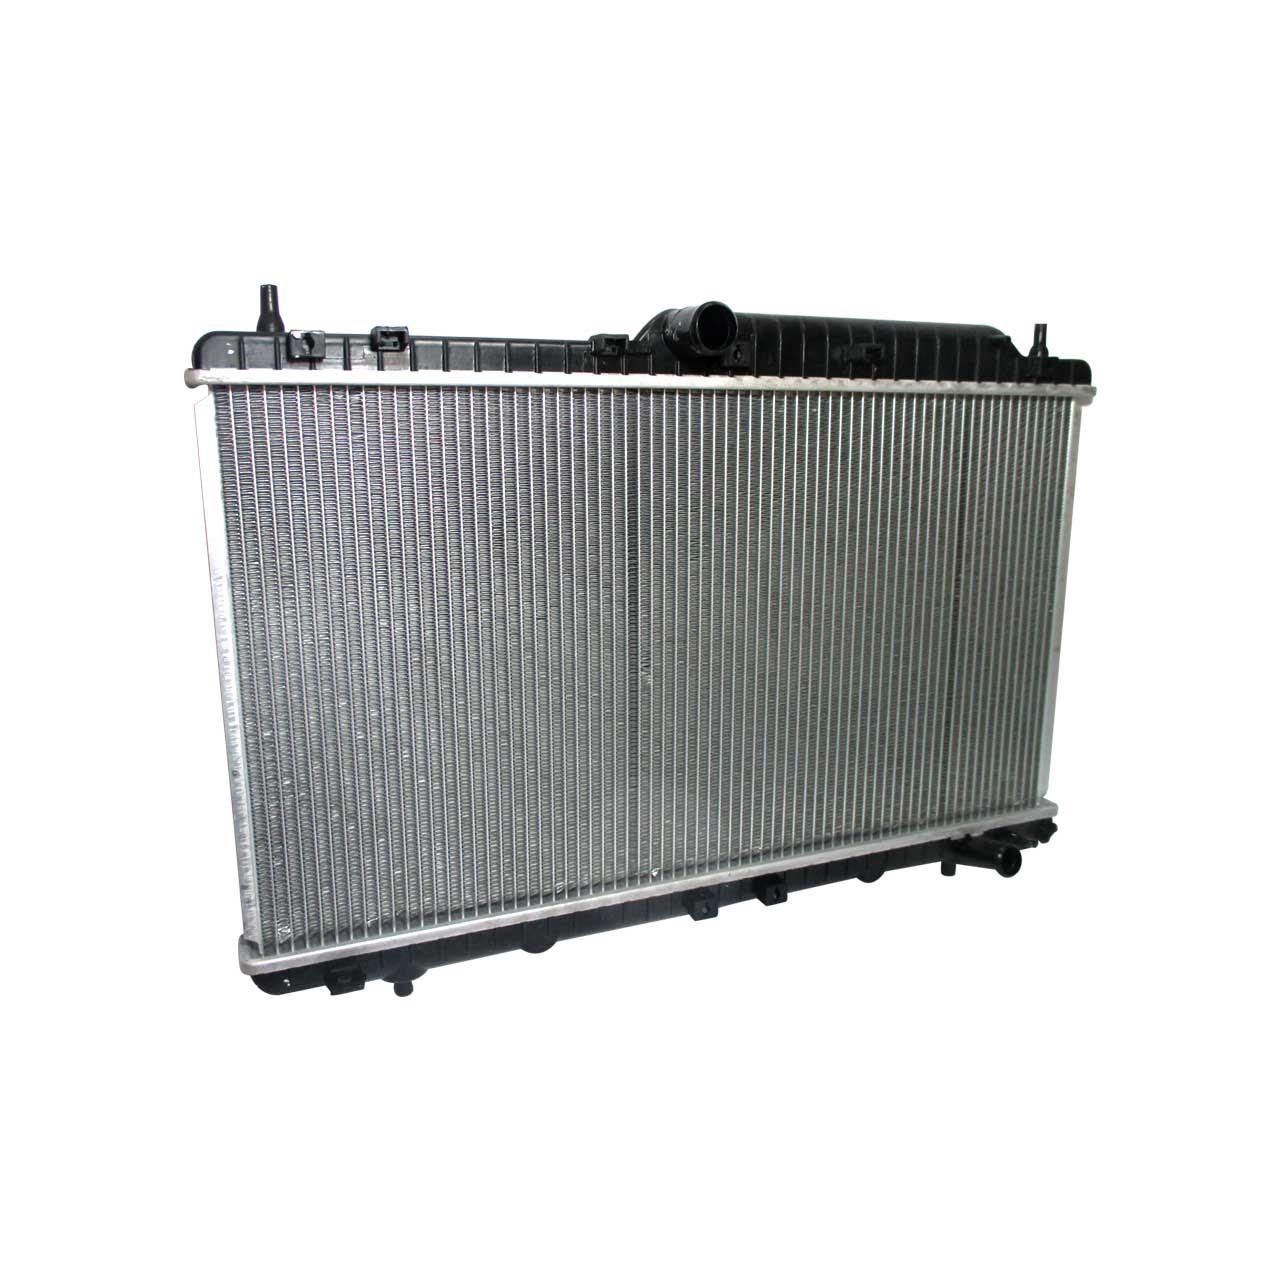 رادیاتور آب ام وی ام 110 S مدل J00-1301110